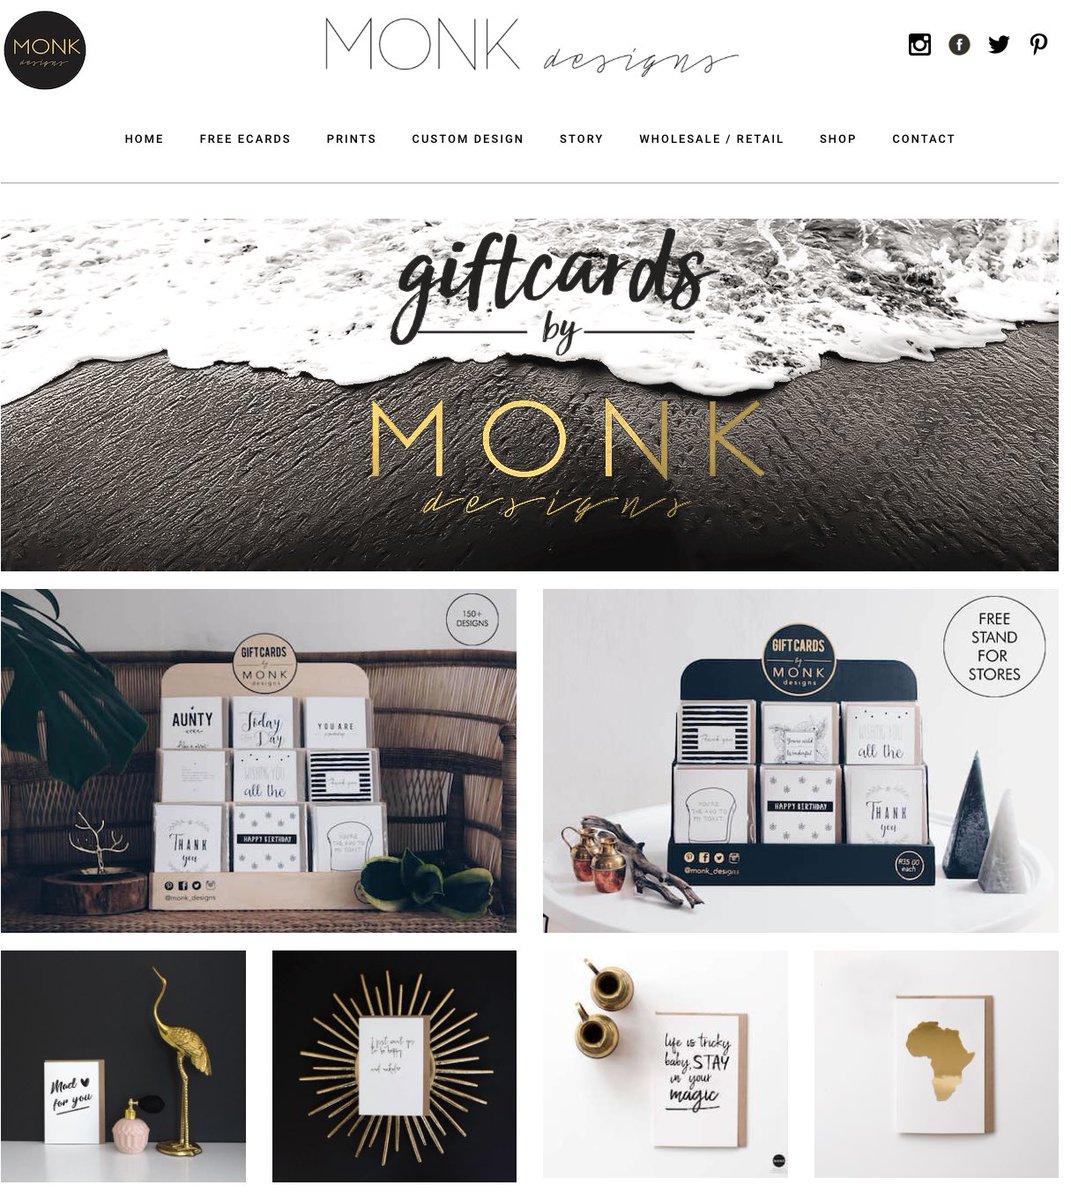 monk designs monk designs twitter